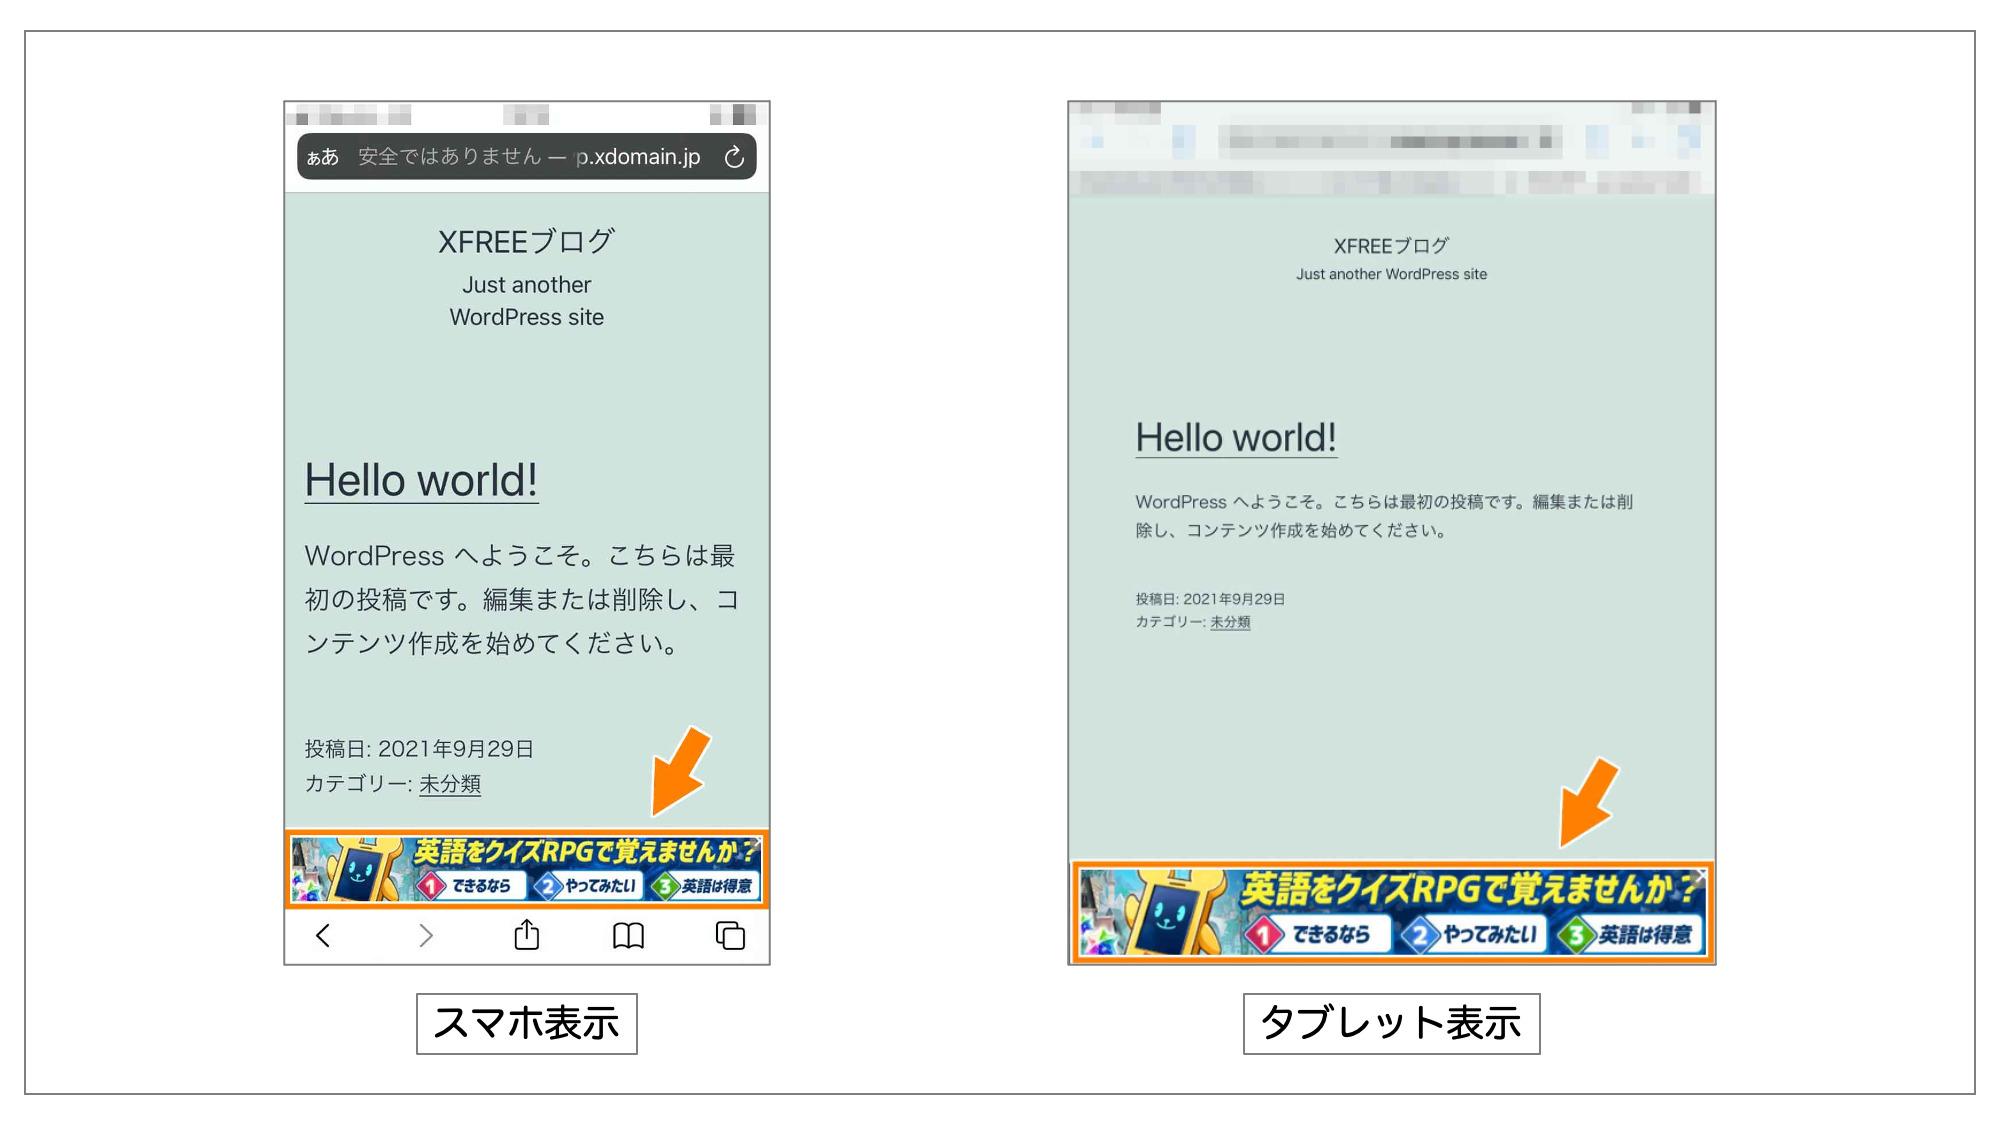 XFREEの「WordPress機能」で作成したサイトをスマホ・タブレットで表示した例